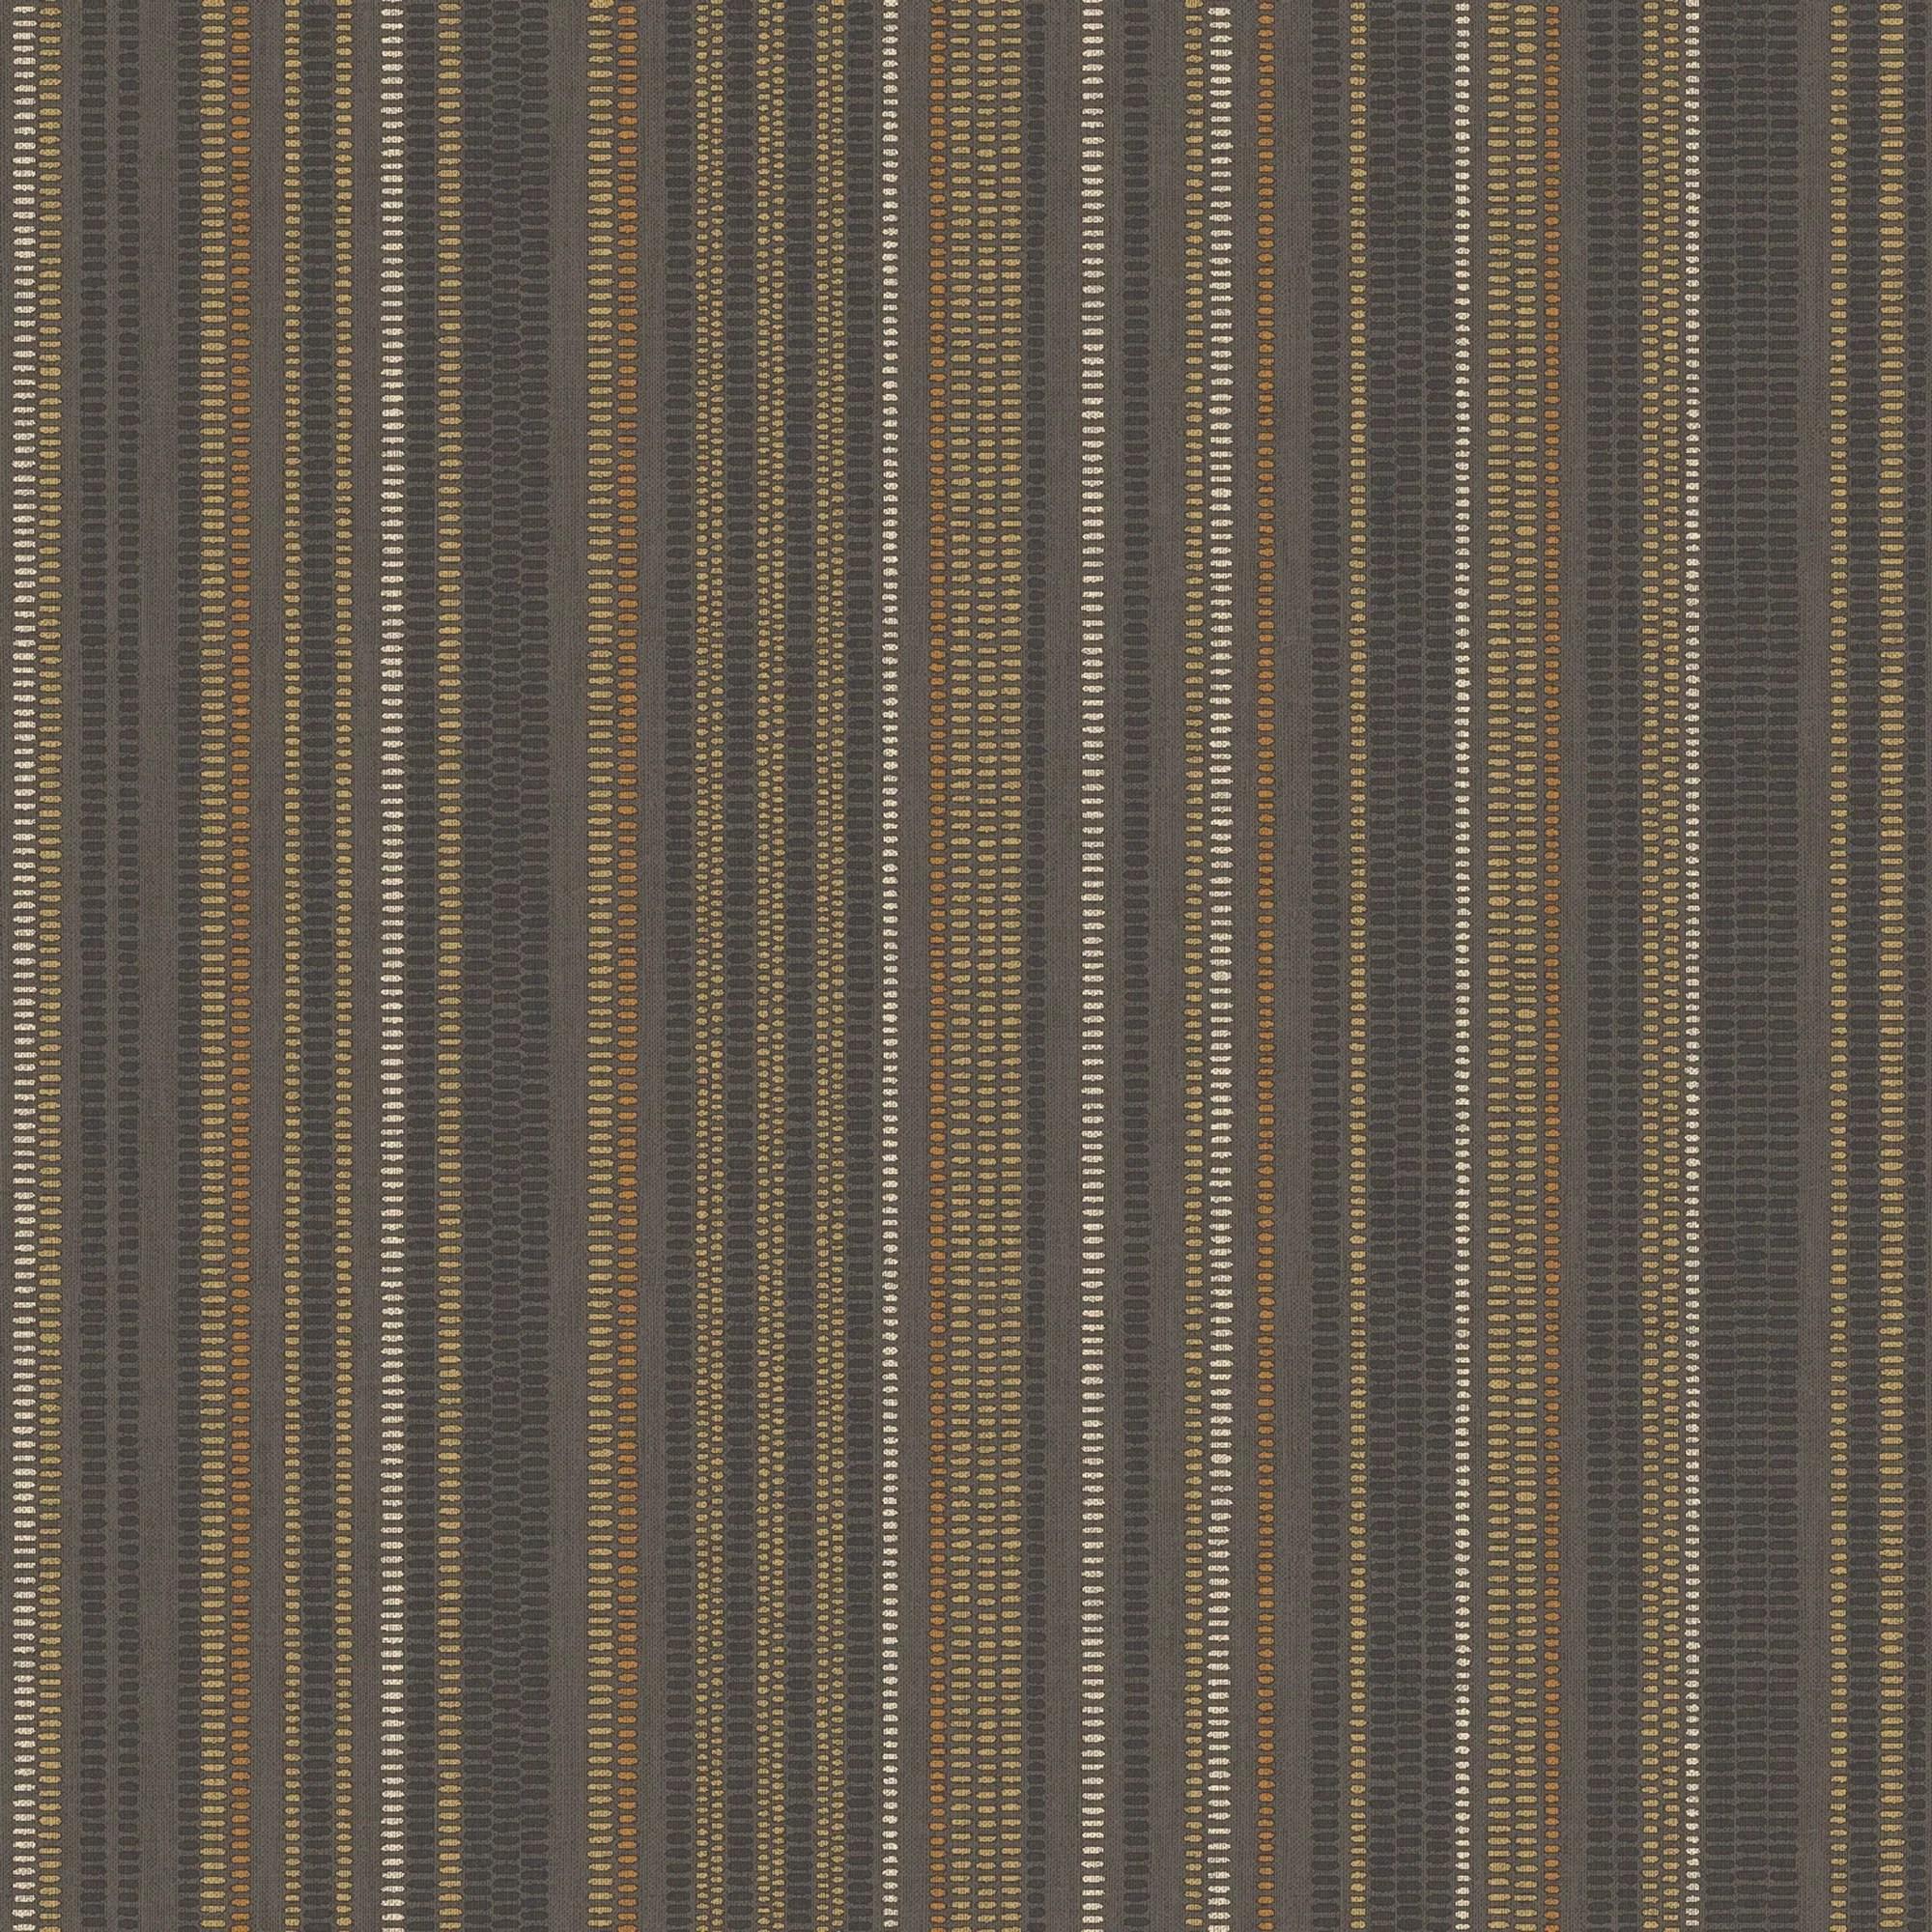 Black Trellis Wallpaper K2 Kasbah Brown Grey Amp Taupe Stripe Metallic Effect